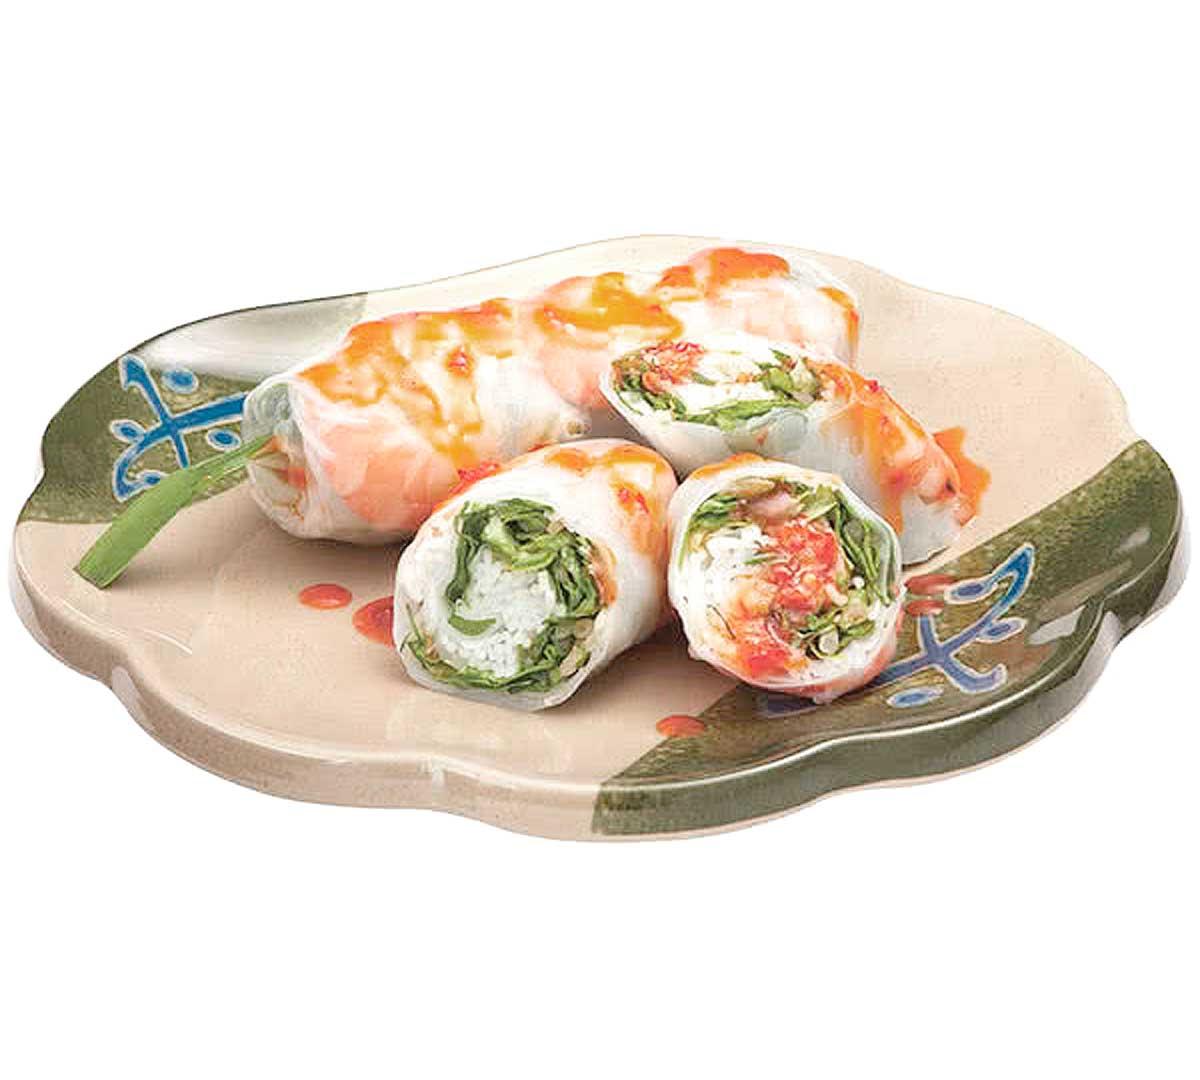 Vajilla japonesa traditional de dbmark for Menaje cocina japonesa